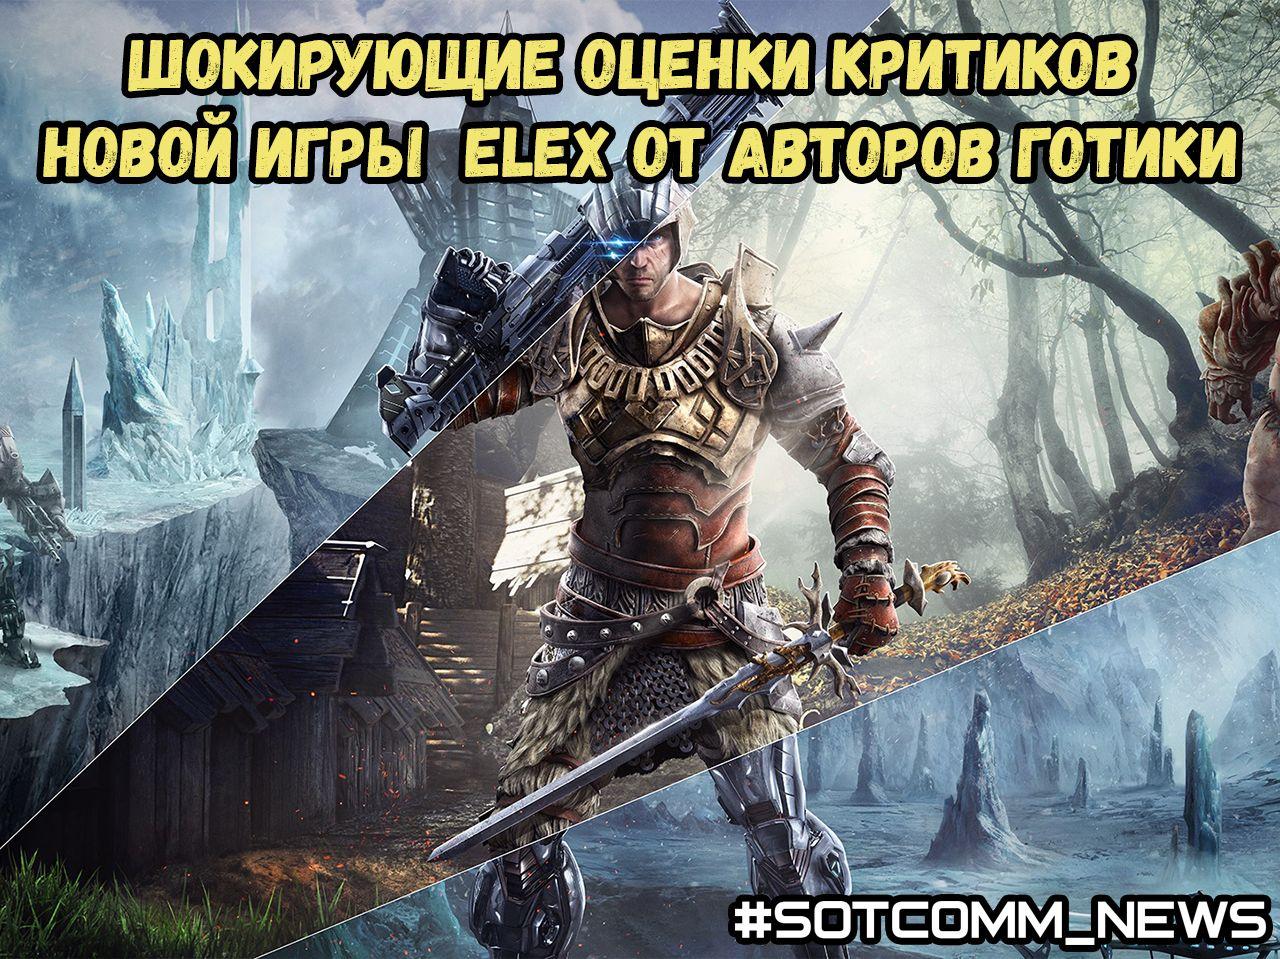 Появились шокирующие оценки критиков игры Elex от авторов Готики